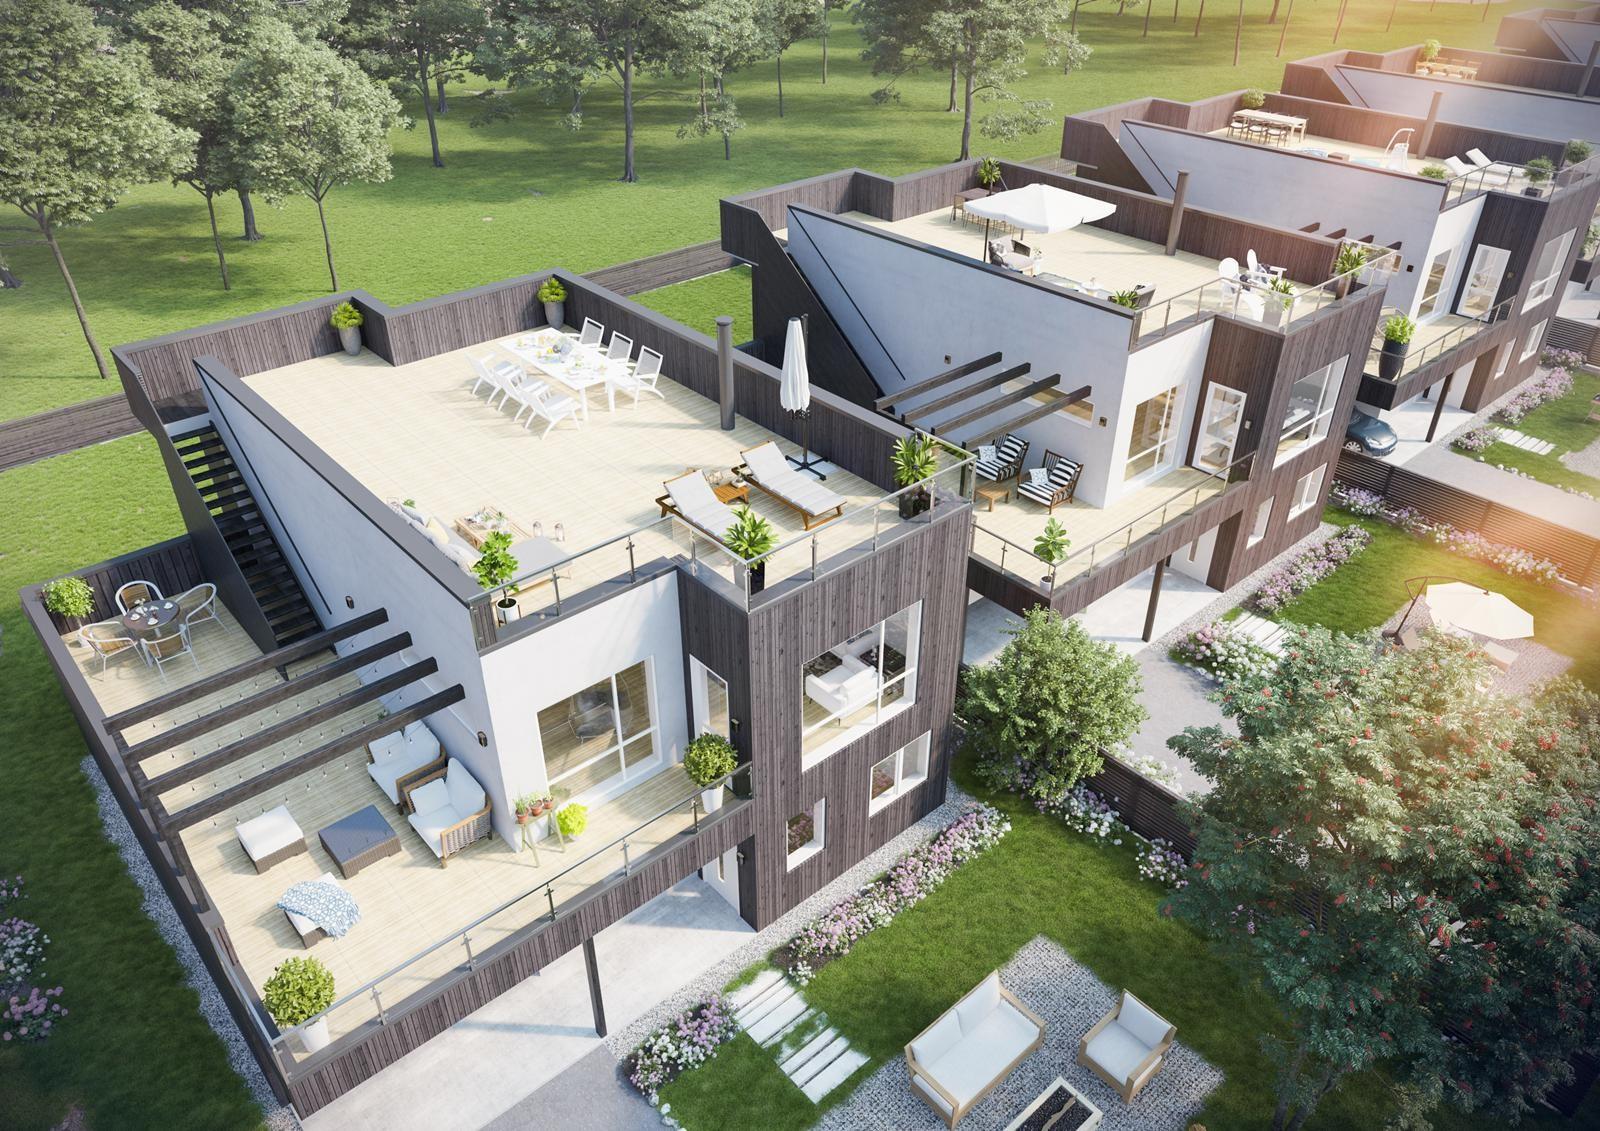 90-kvm-med-takterrasse-med-adkomst-fra-balkong-over-garasjen